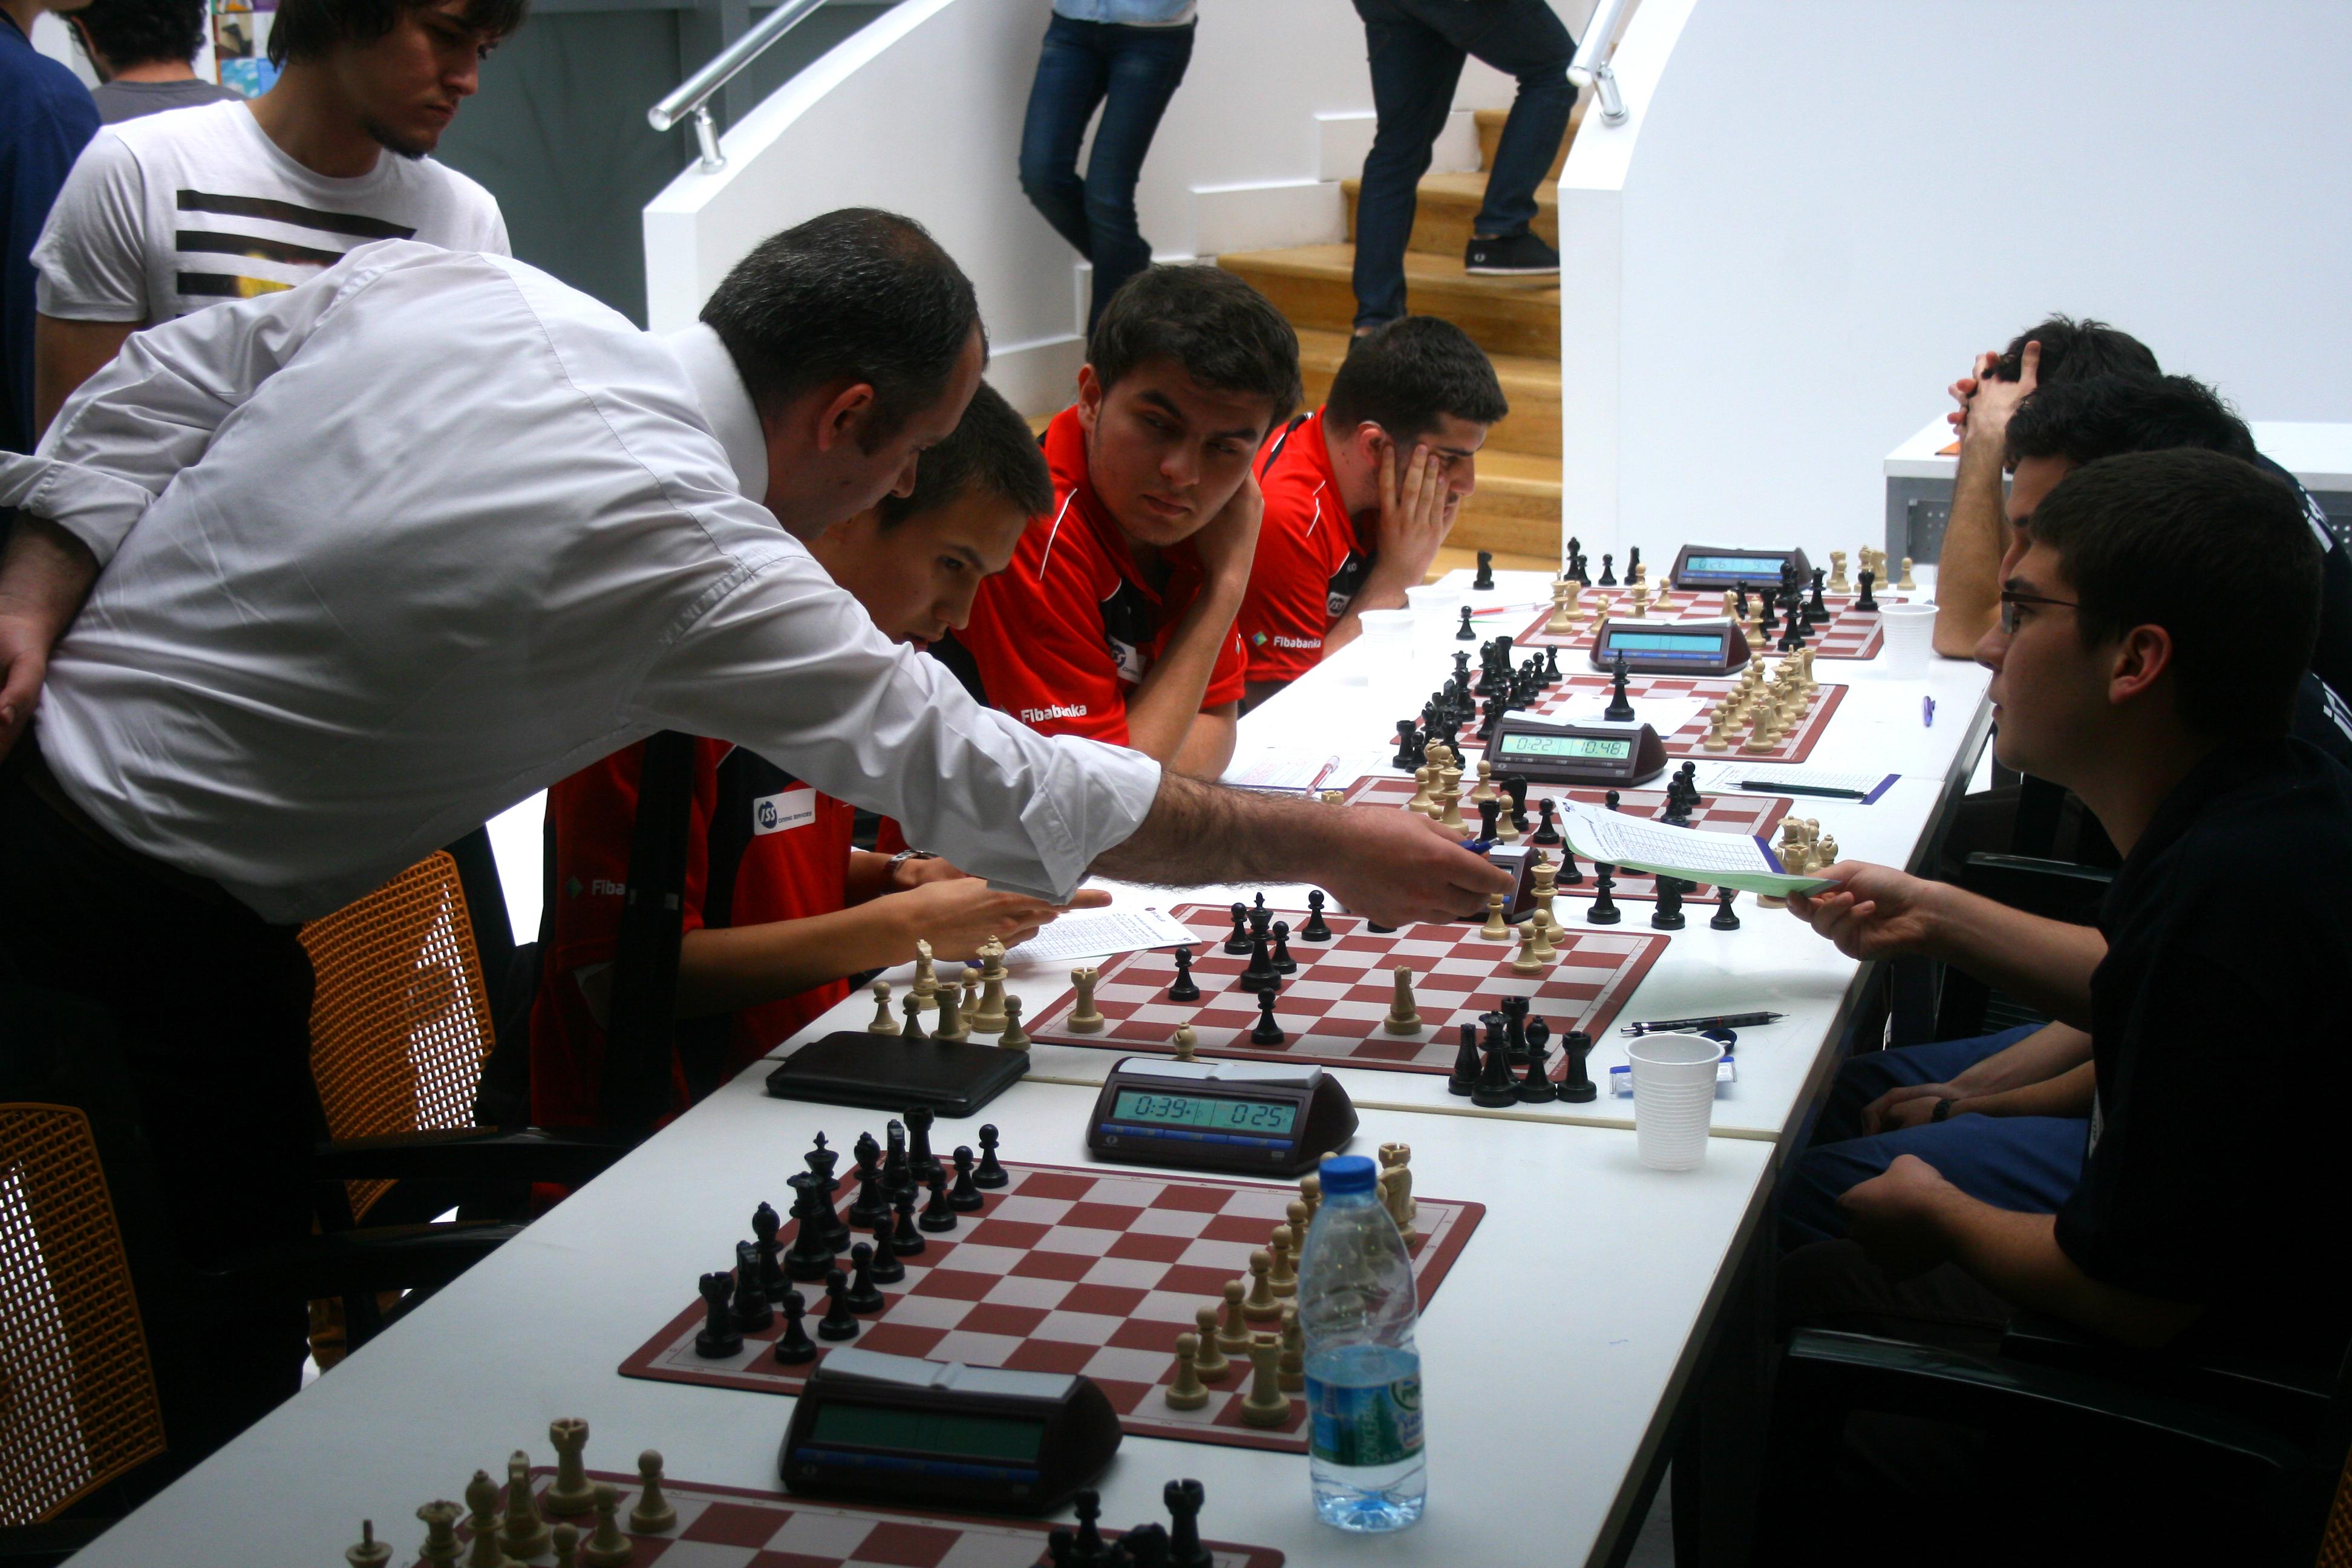 satranç oynayan öğrenciler ile ilgili görsel sonucu